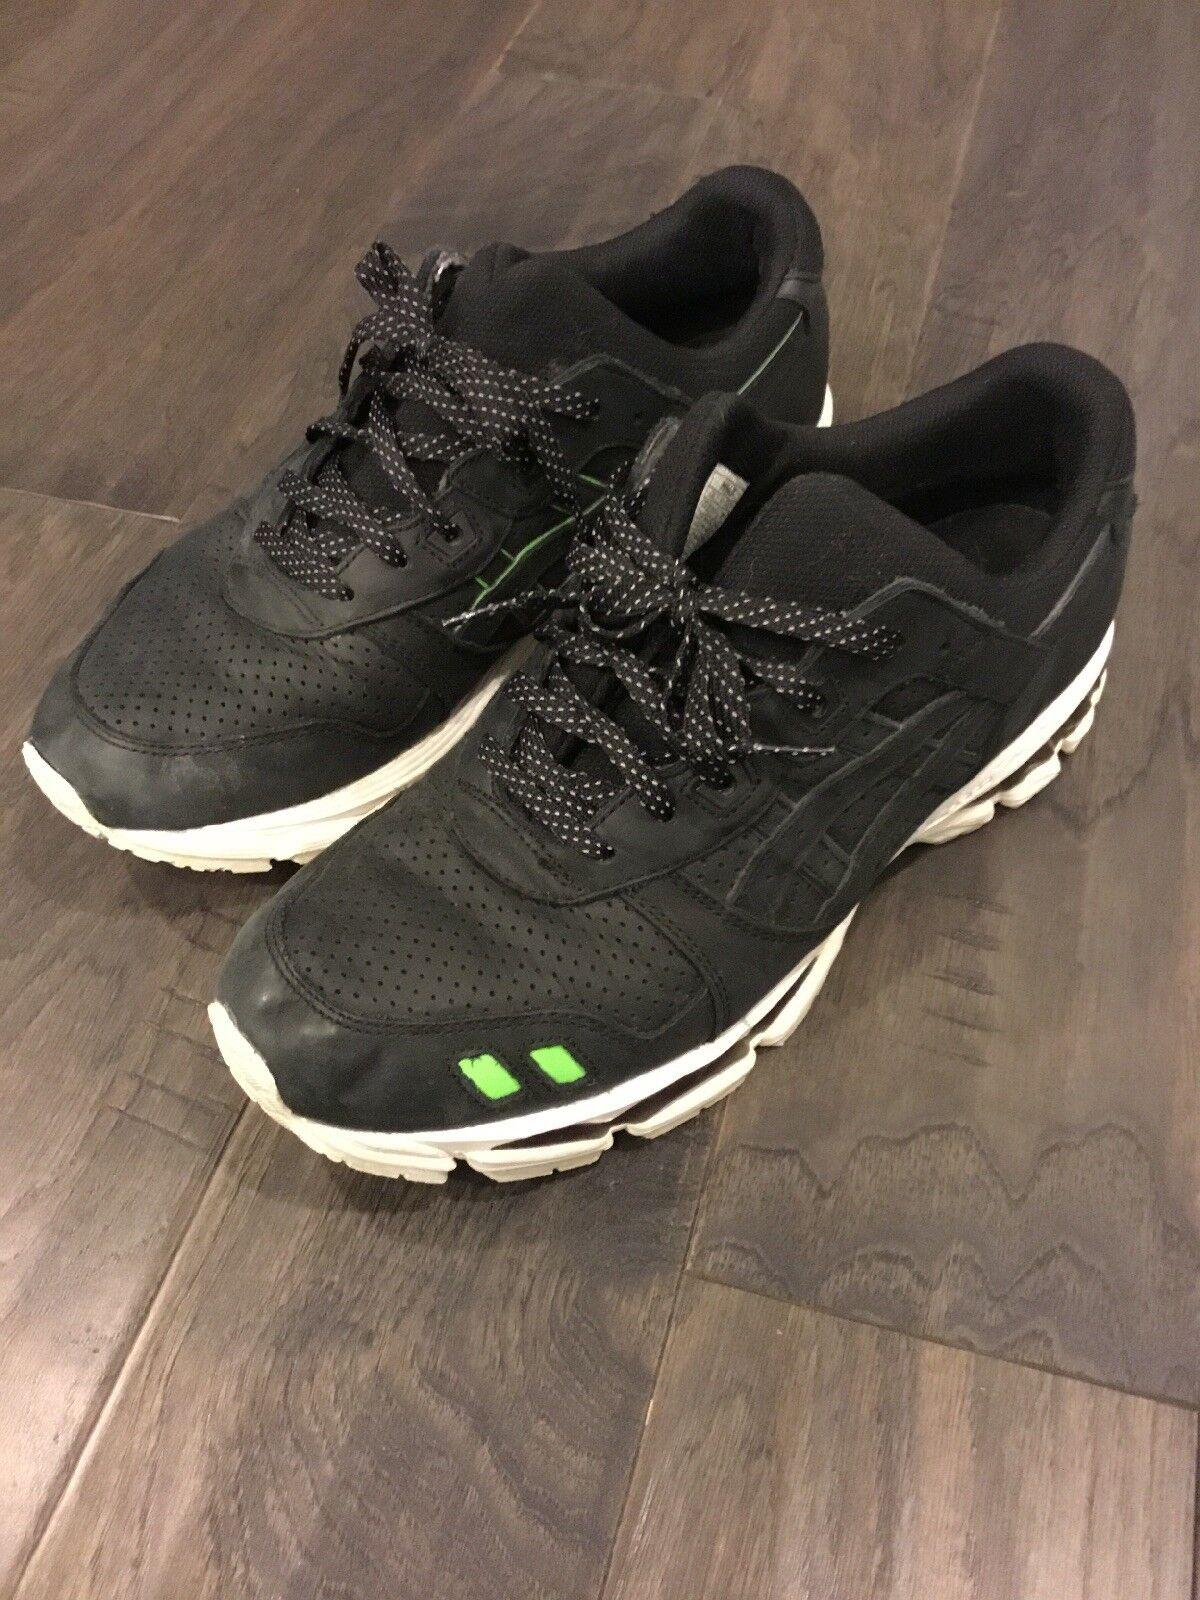 ASICS Gel Lyte III.i 3.1 Nimbus shoes Black Green Kith Size 11.5 H64JK Used